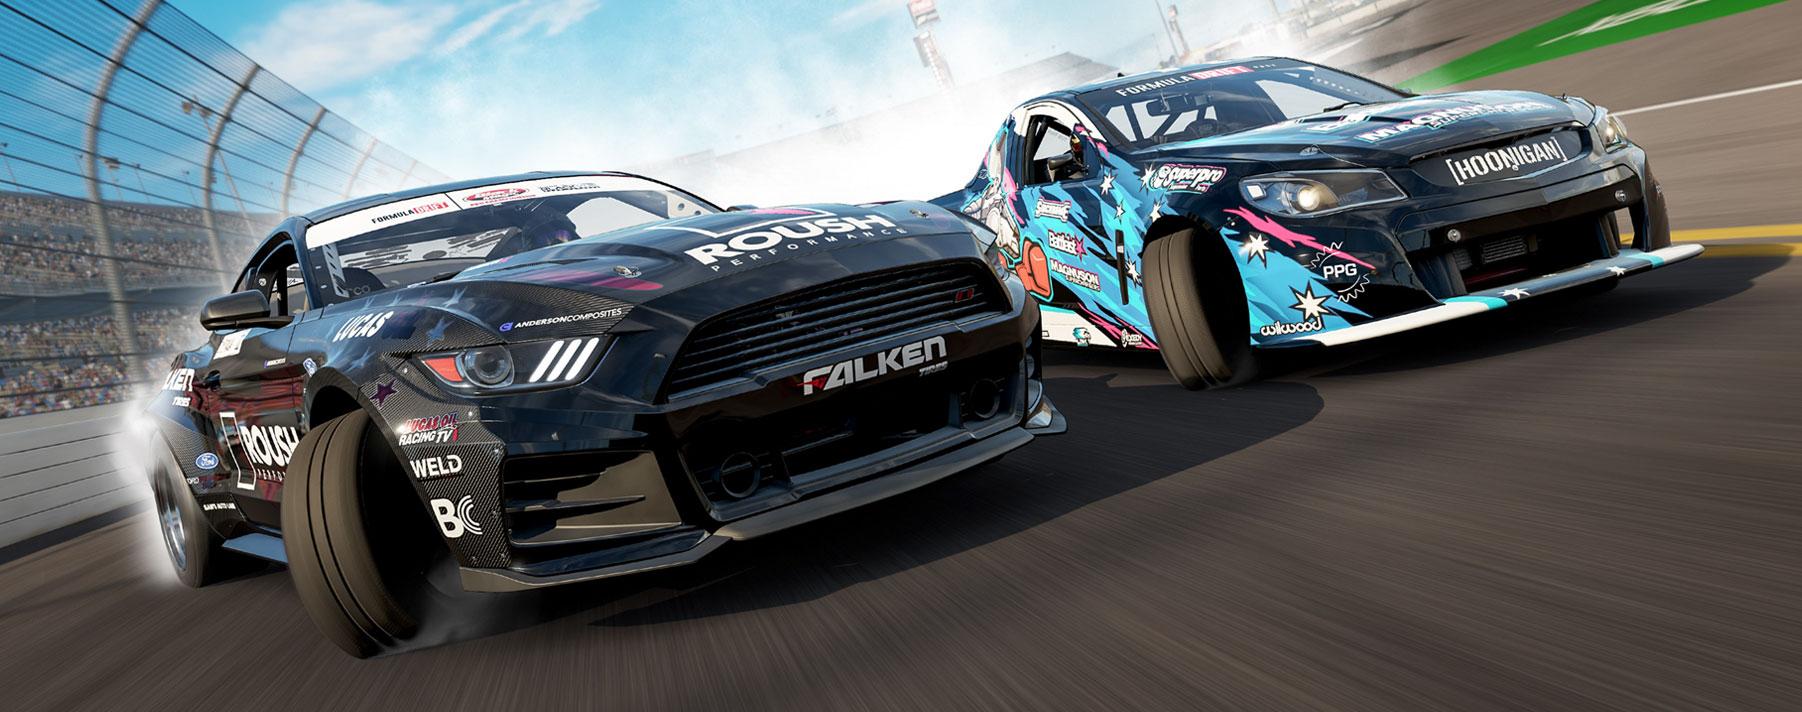 Forza Motorsport . Este es un videojuego de carreras desarrollado por Turn 10 Studios y publicado por Microsoft para el sistema de juegos Xbox.